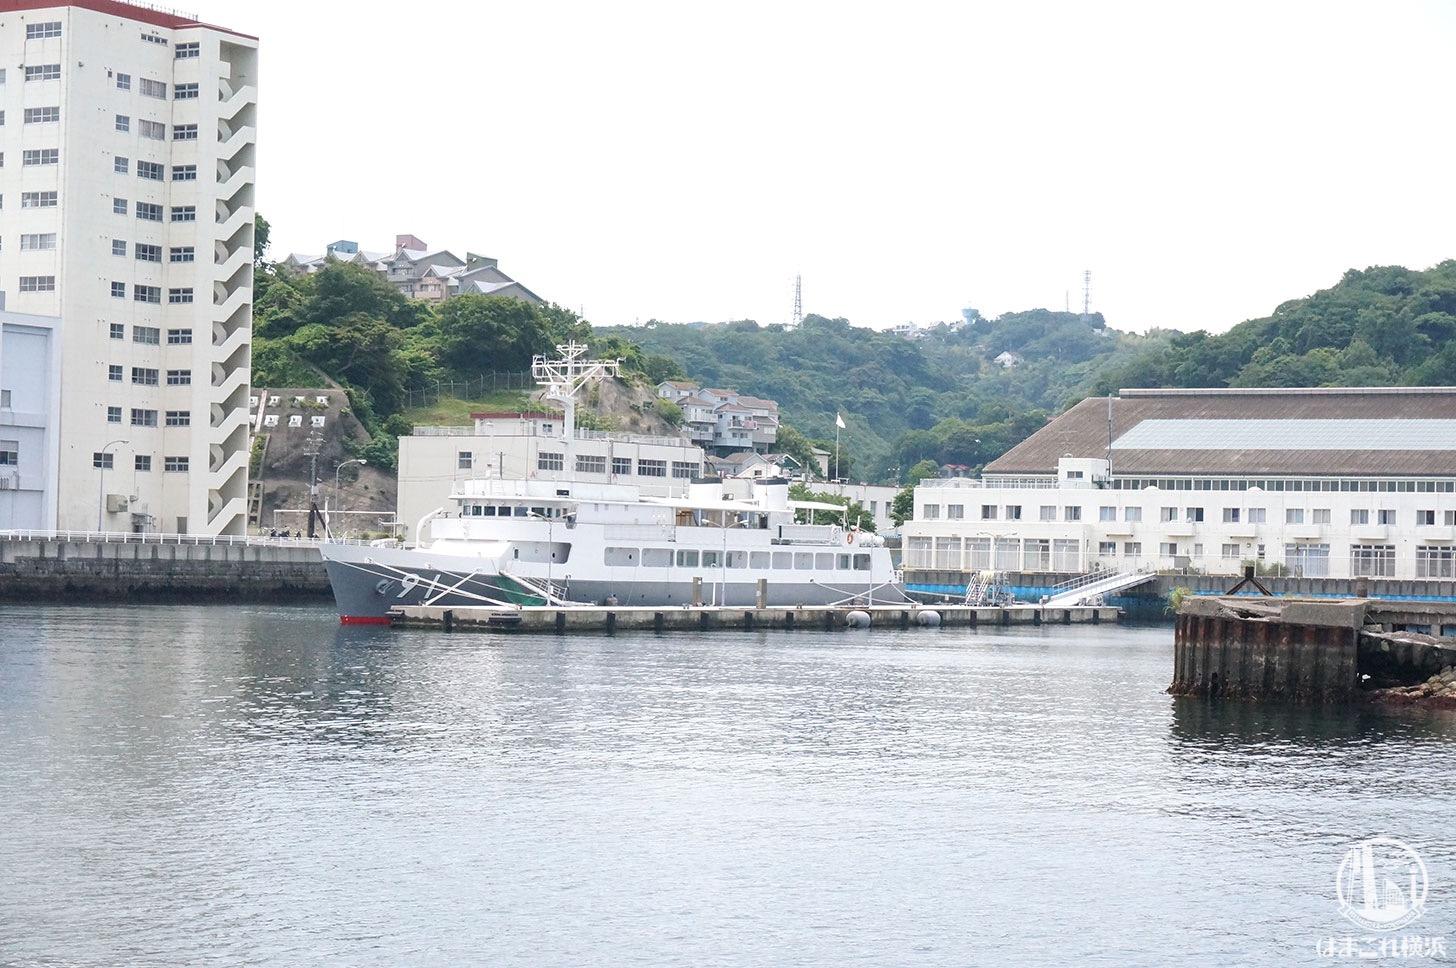 横須賀「軍港めぐり」軍港めぐり